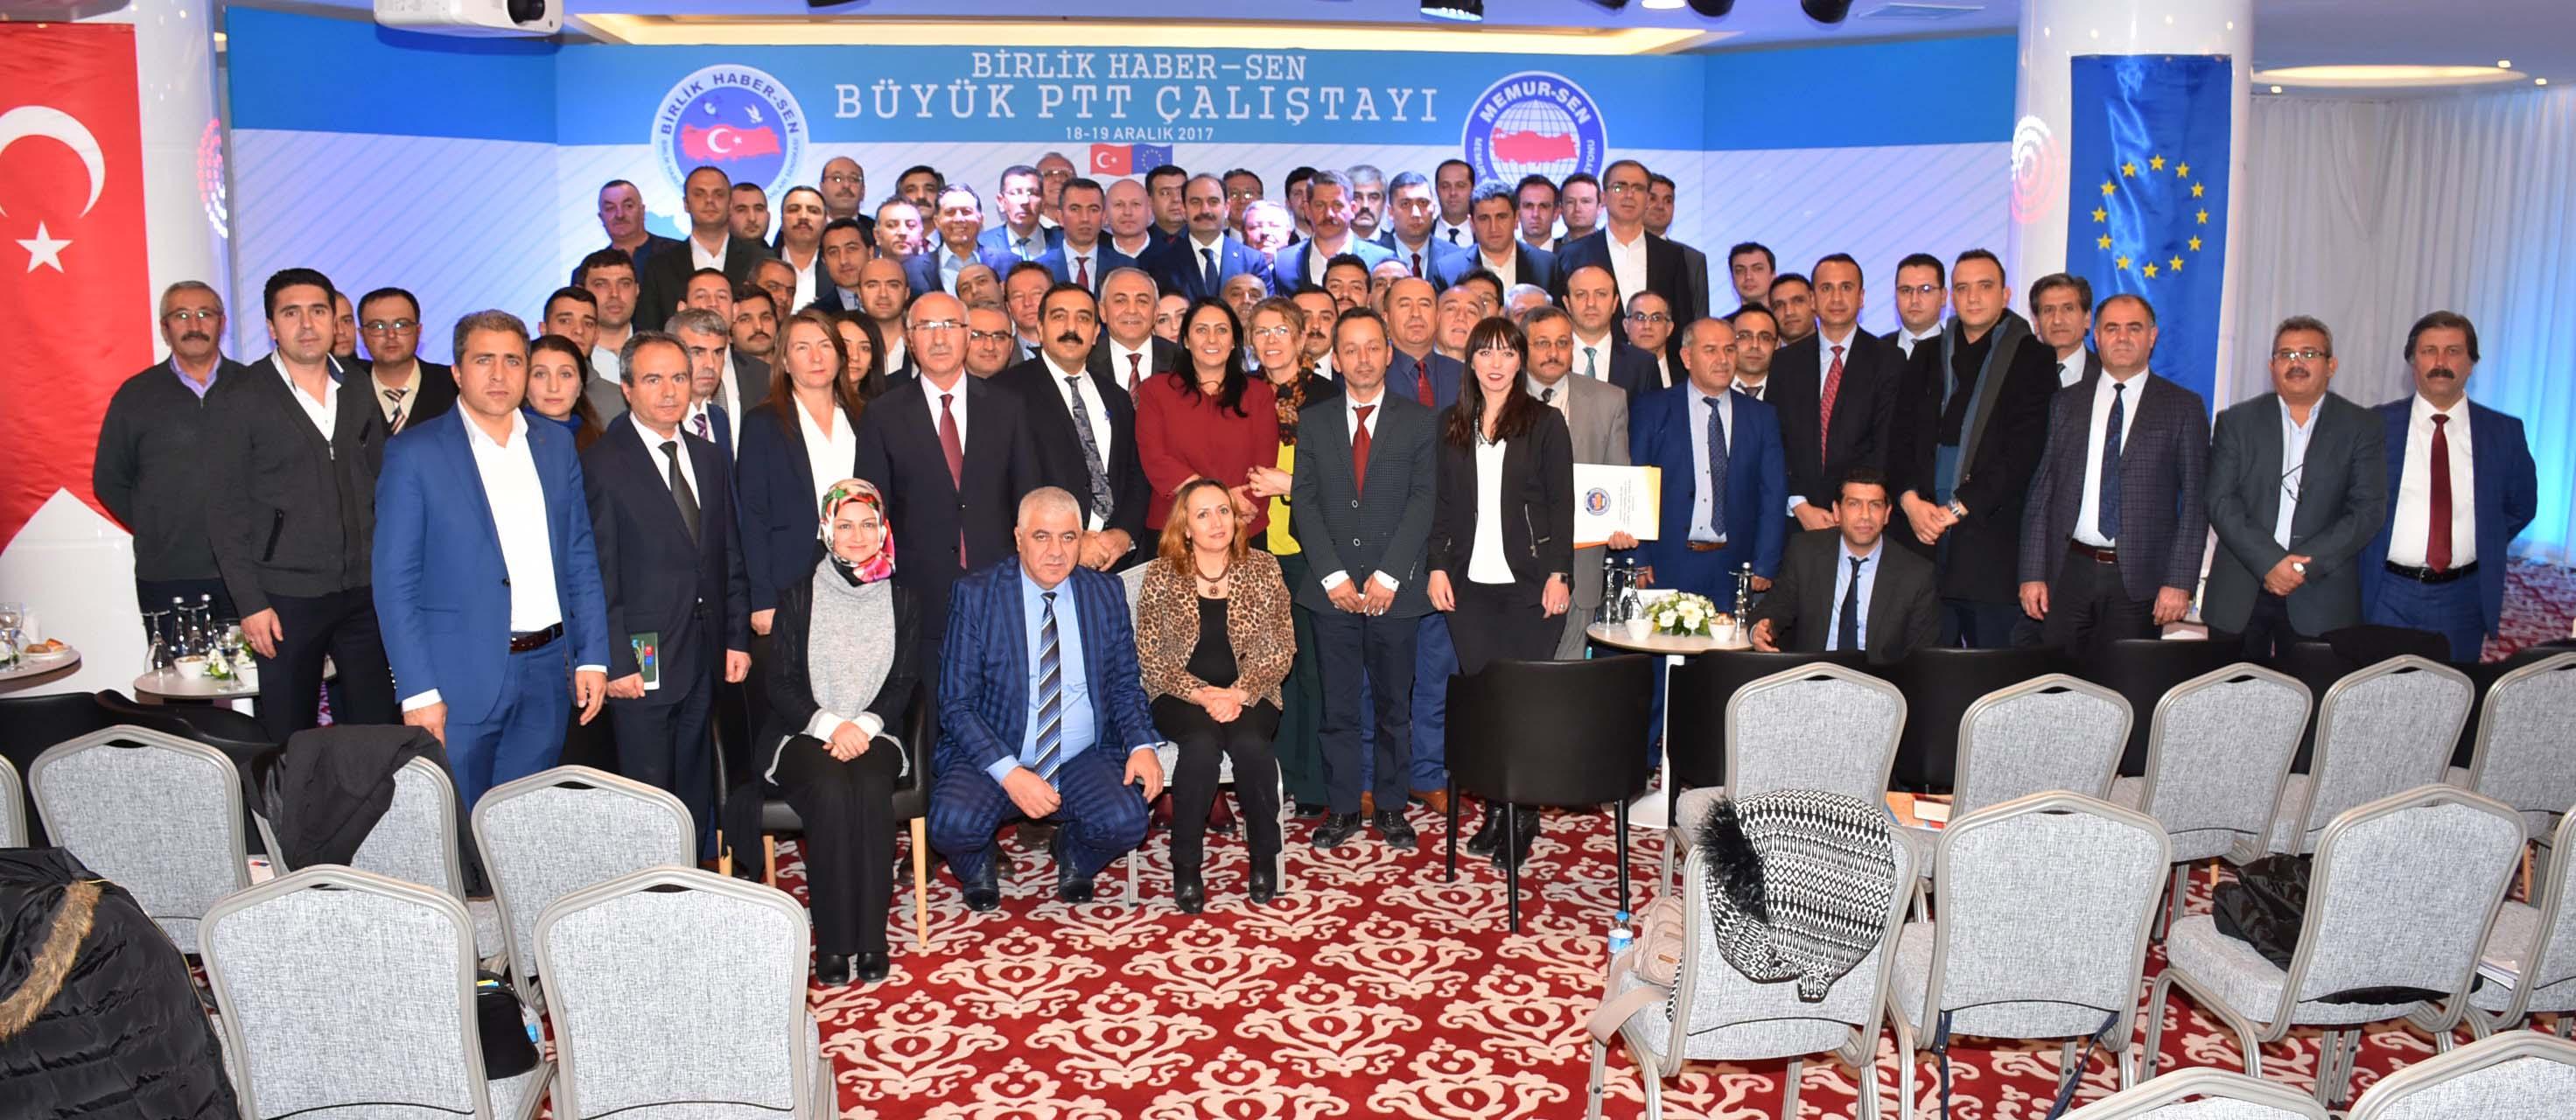 """PTT A.Ş Çalışanlarının Sorunlarının Tartışıldığı """"Büyük PTT A.Ş Çalıştayımız"""" Tamamlandı"""